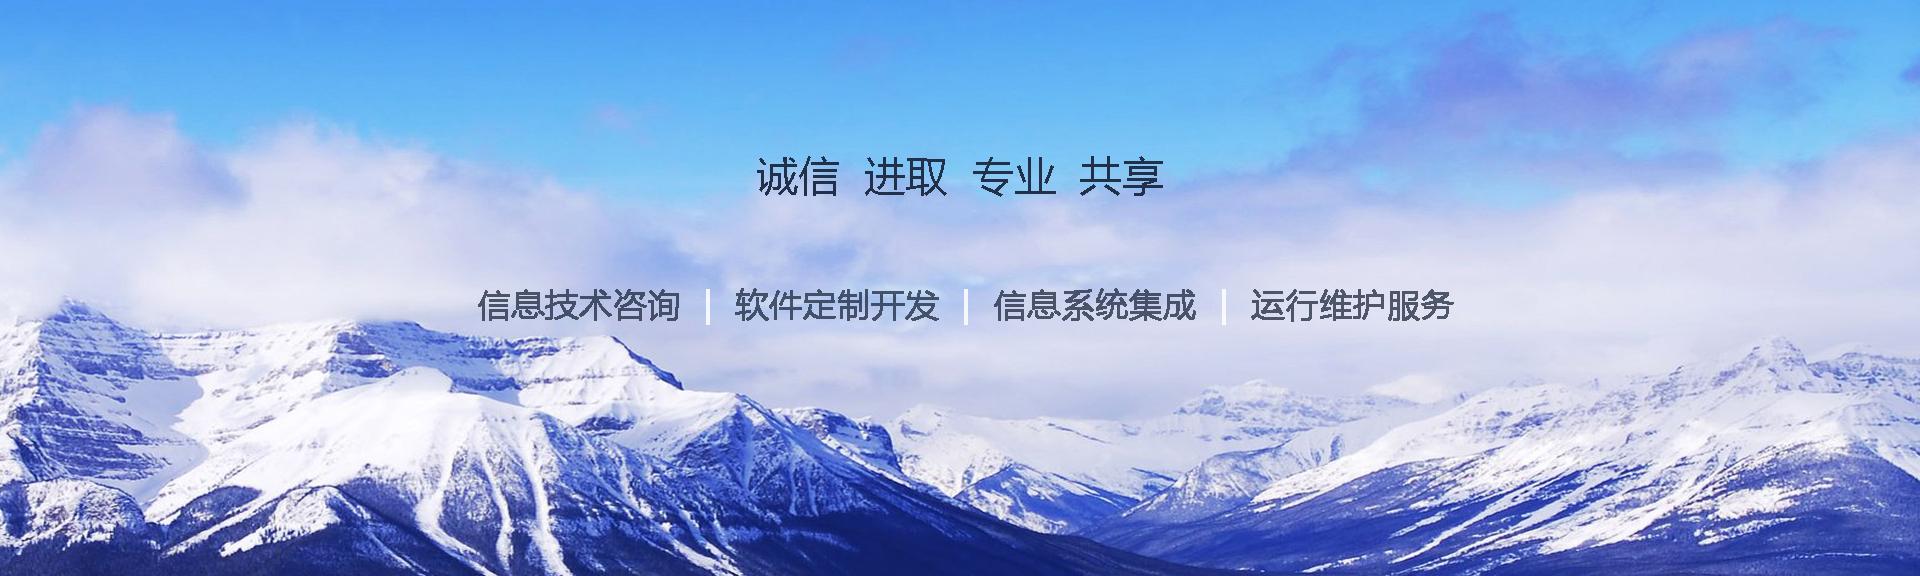 龙8龙国际long8龙8游戏业务定位 关键词